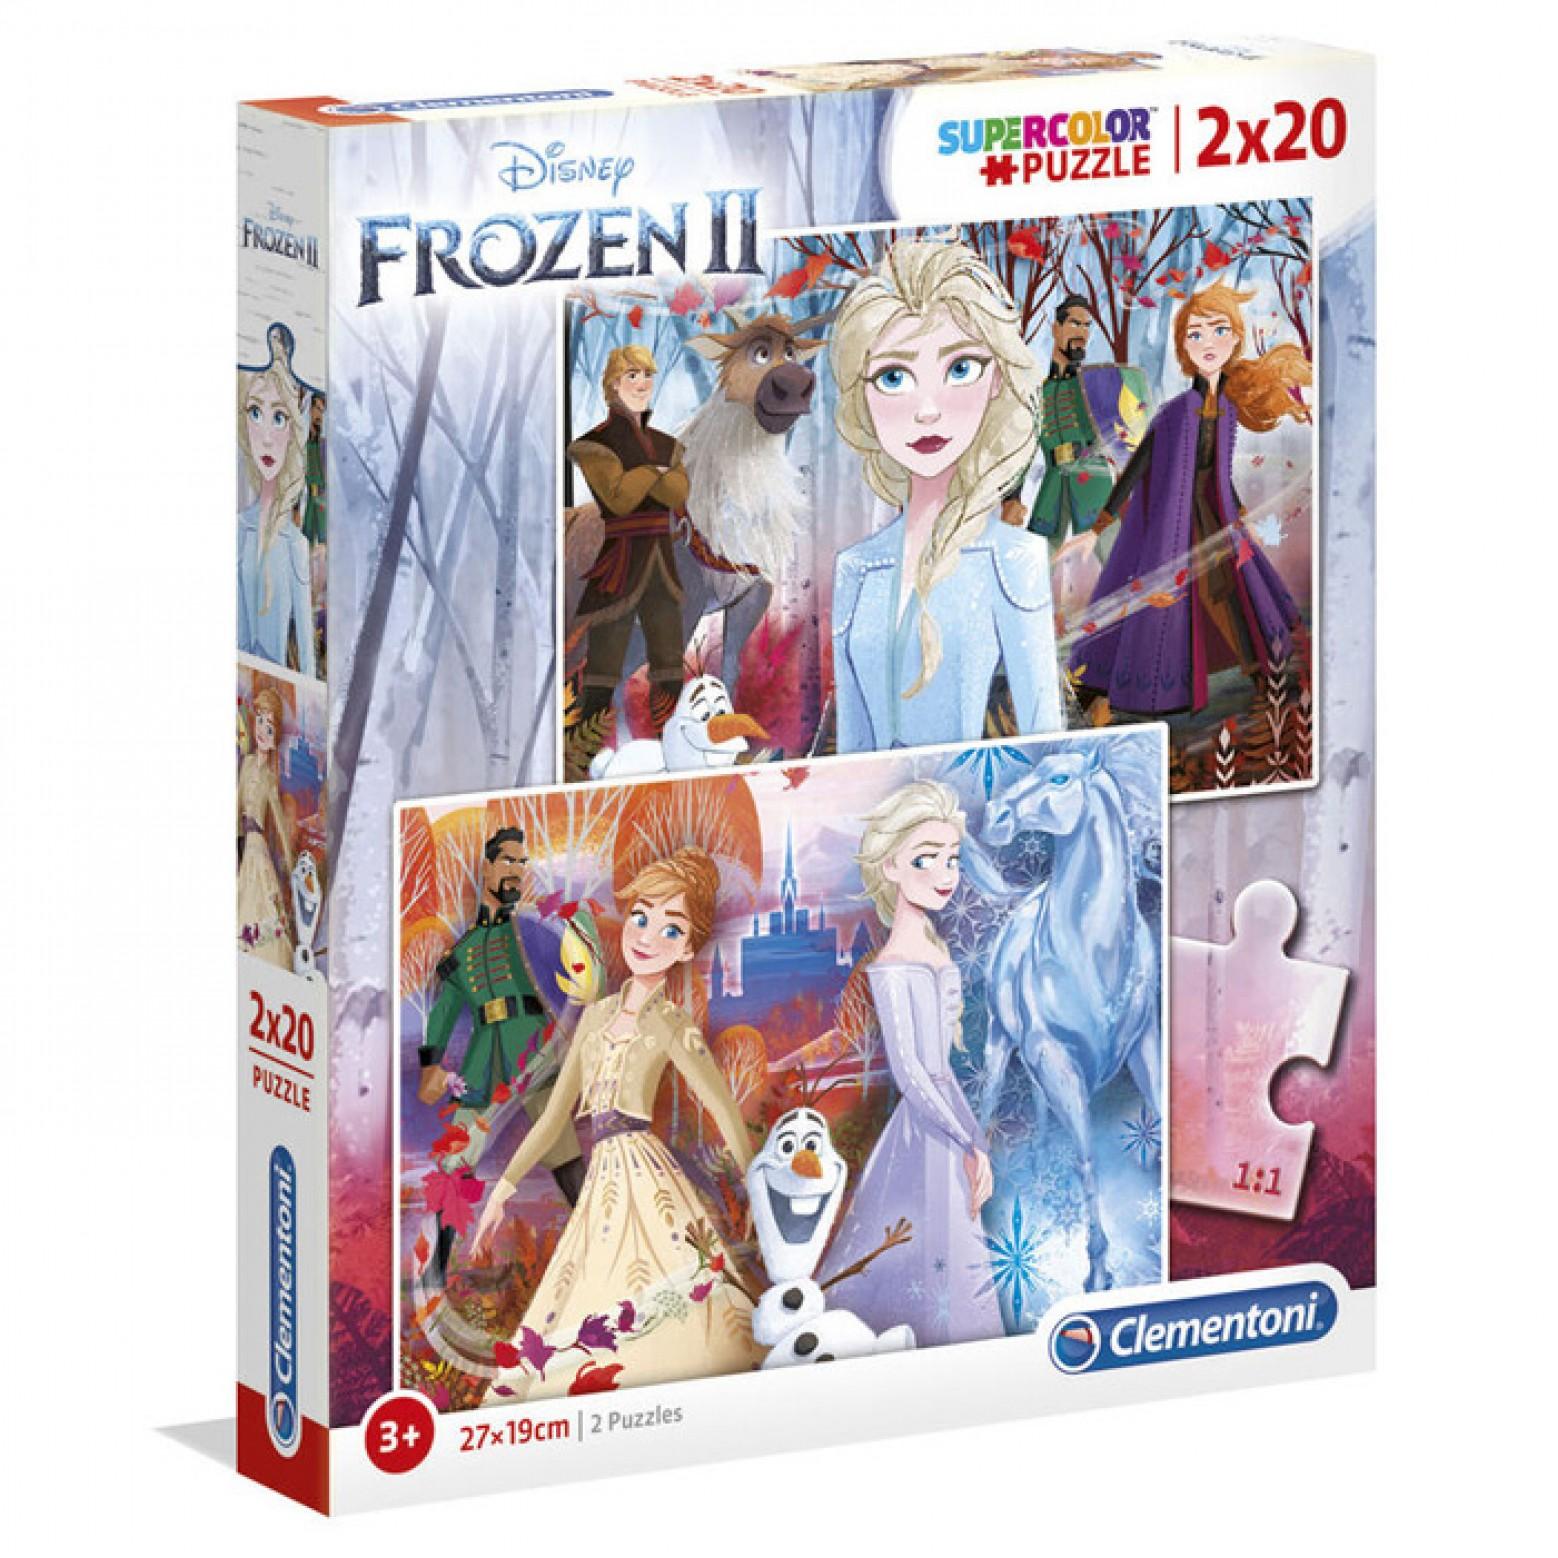 Frozen II puzzel 2 x 20 stukjes 3+